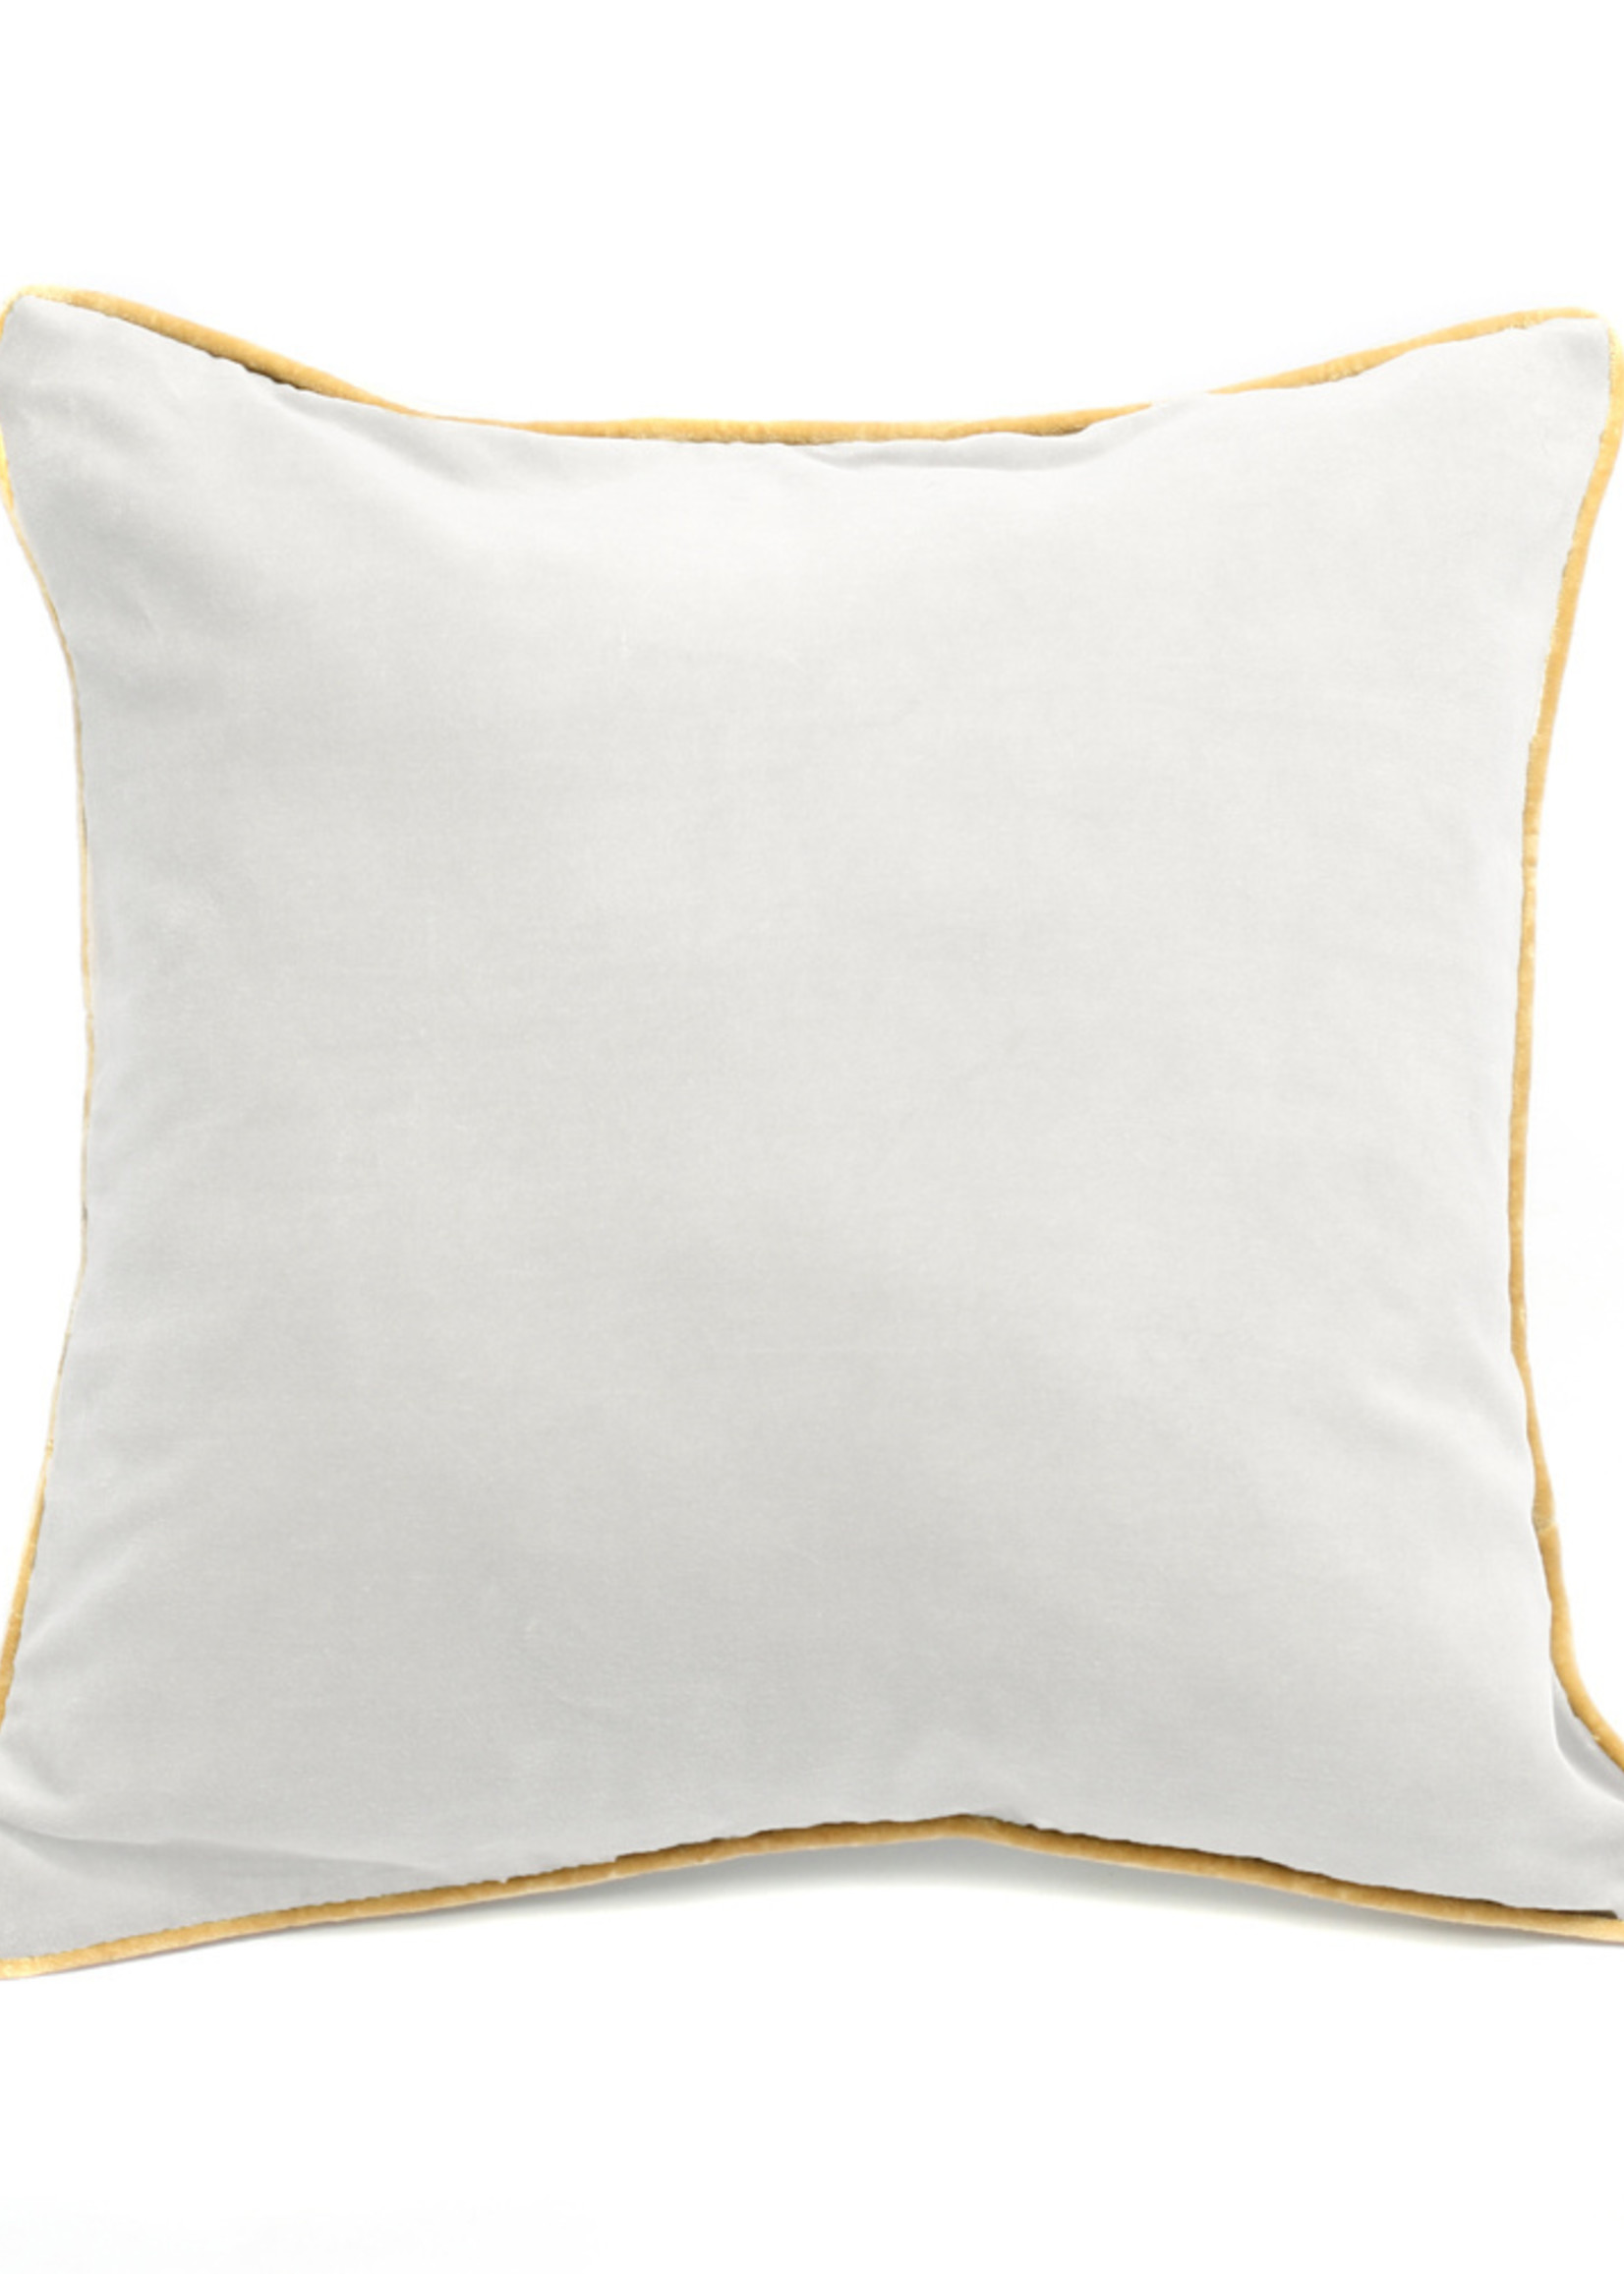 The Velvet Cushion - White